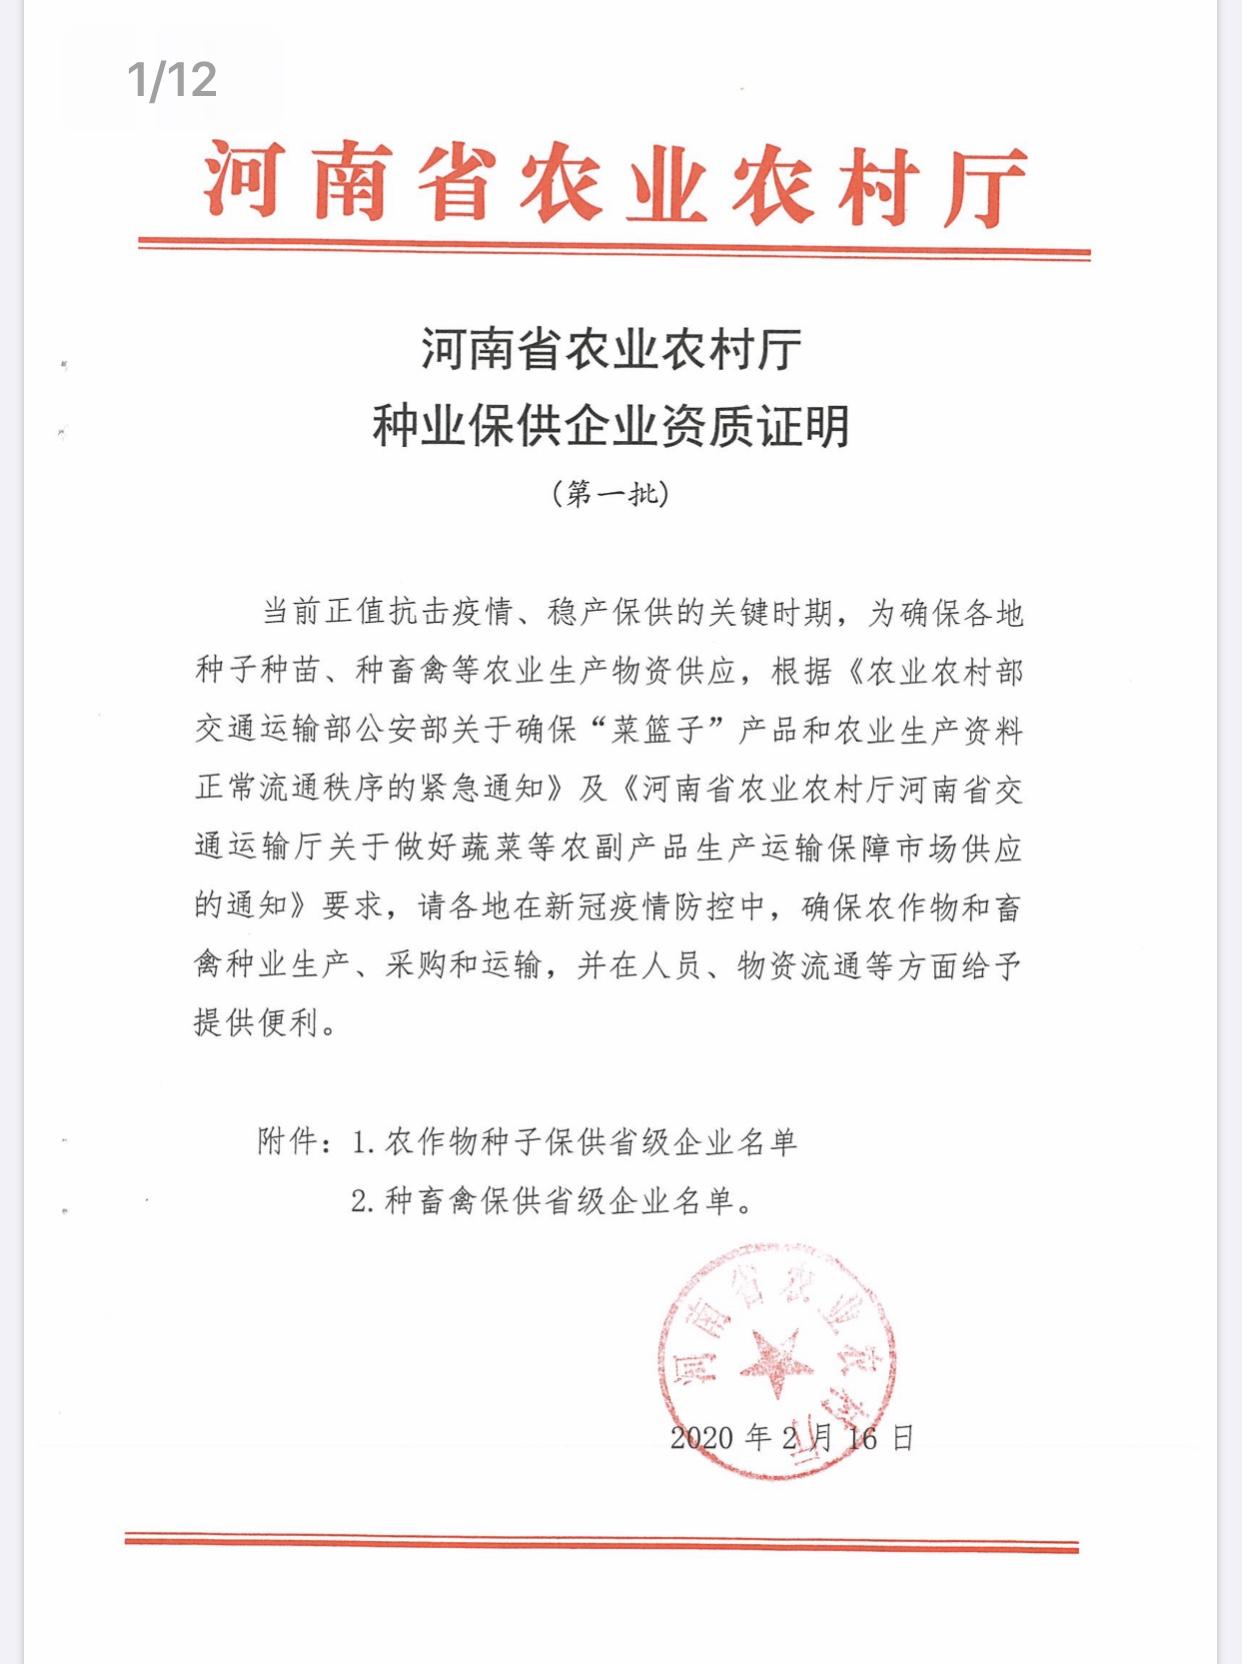 【刚刚】河南发布第一批种子保供企业名单!河南秋乐种业居于榜首!